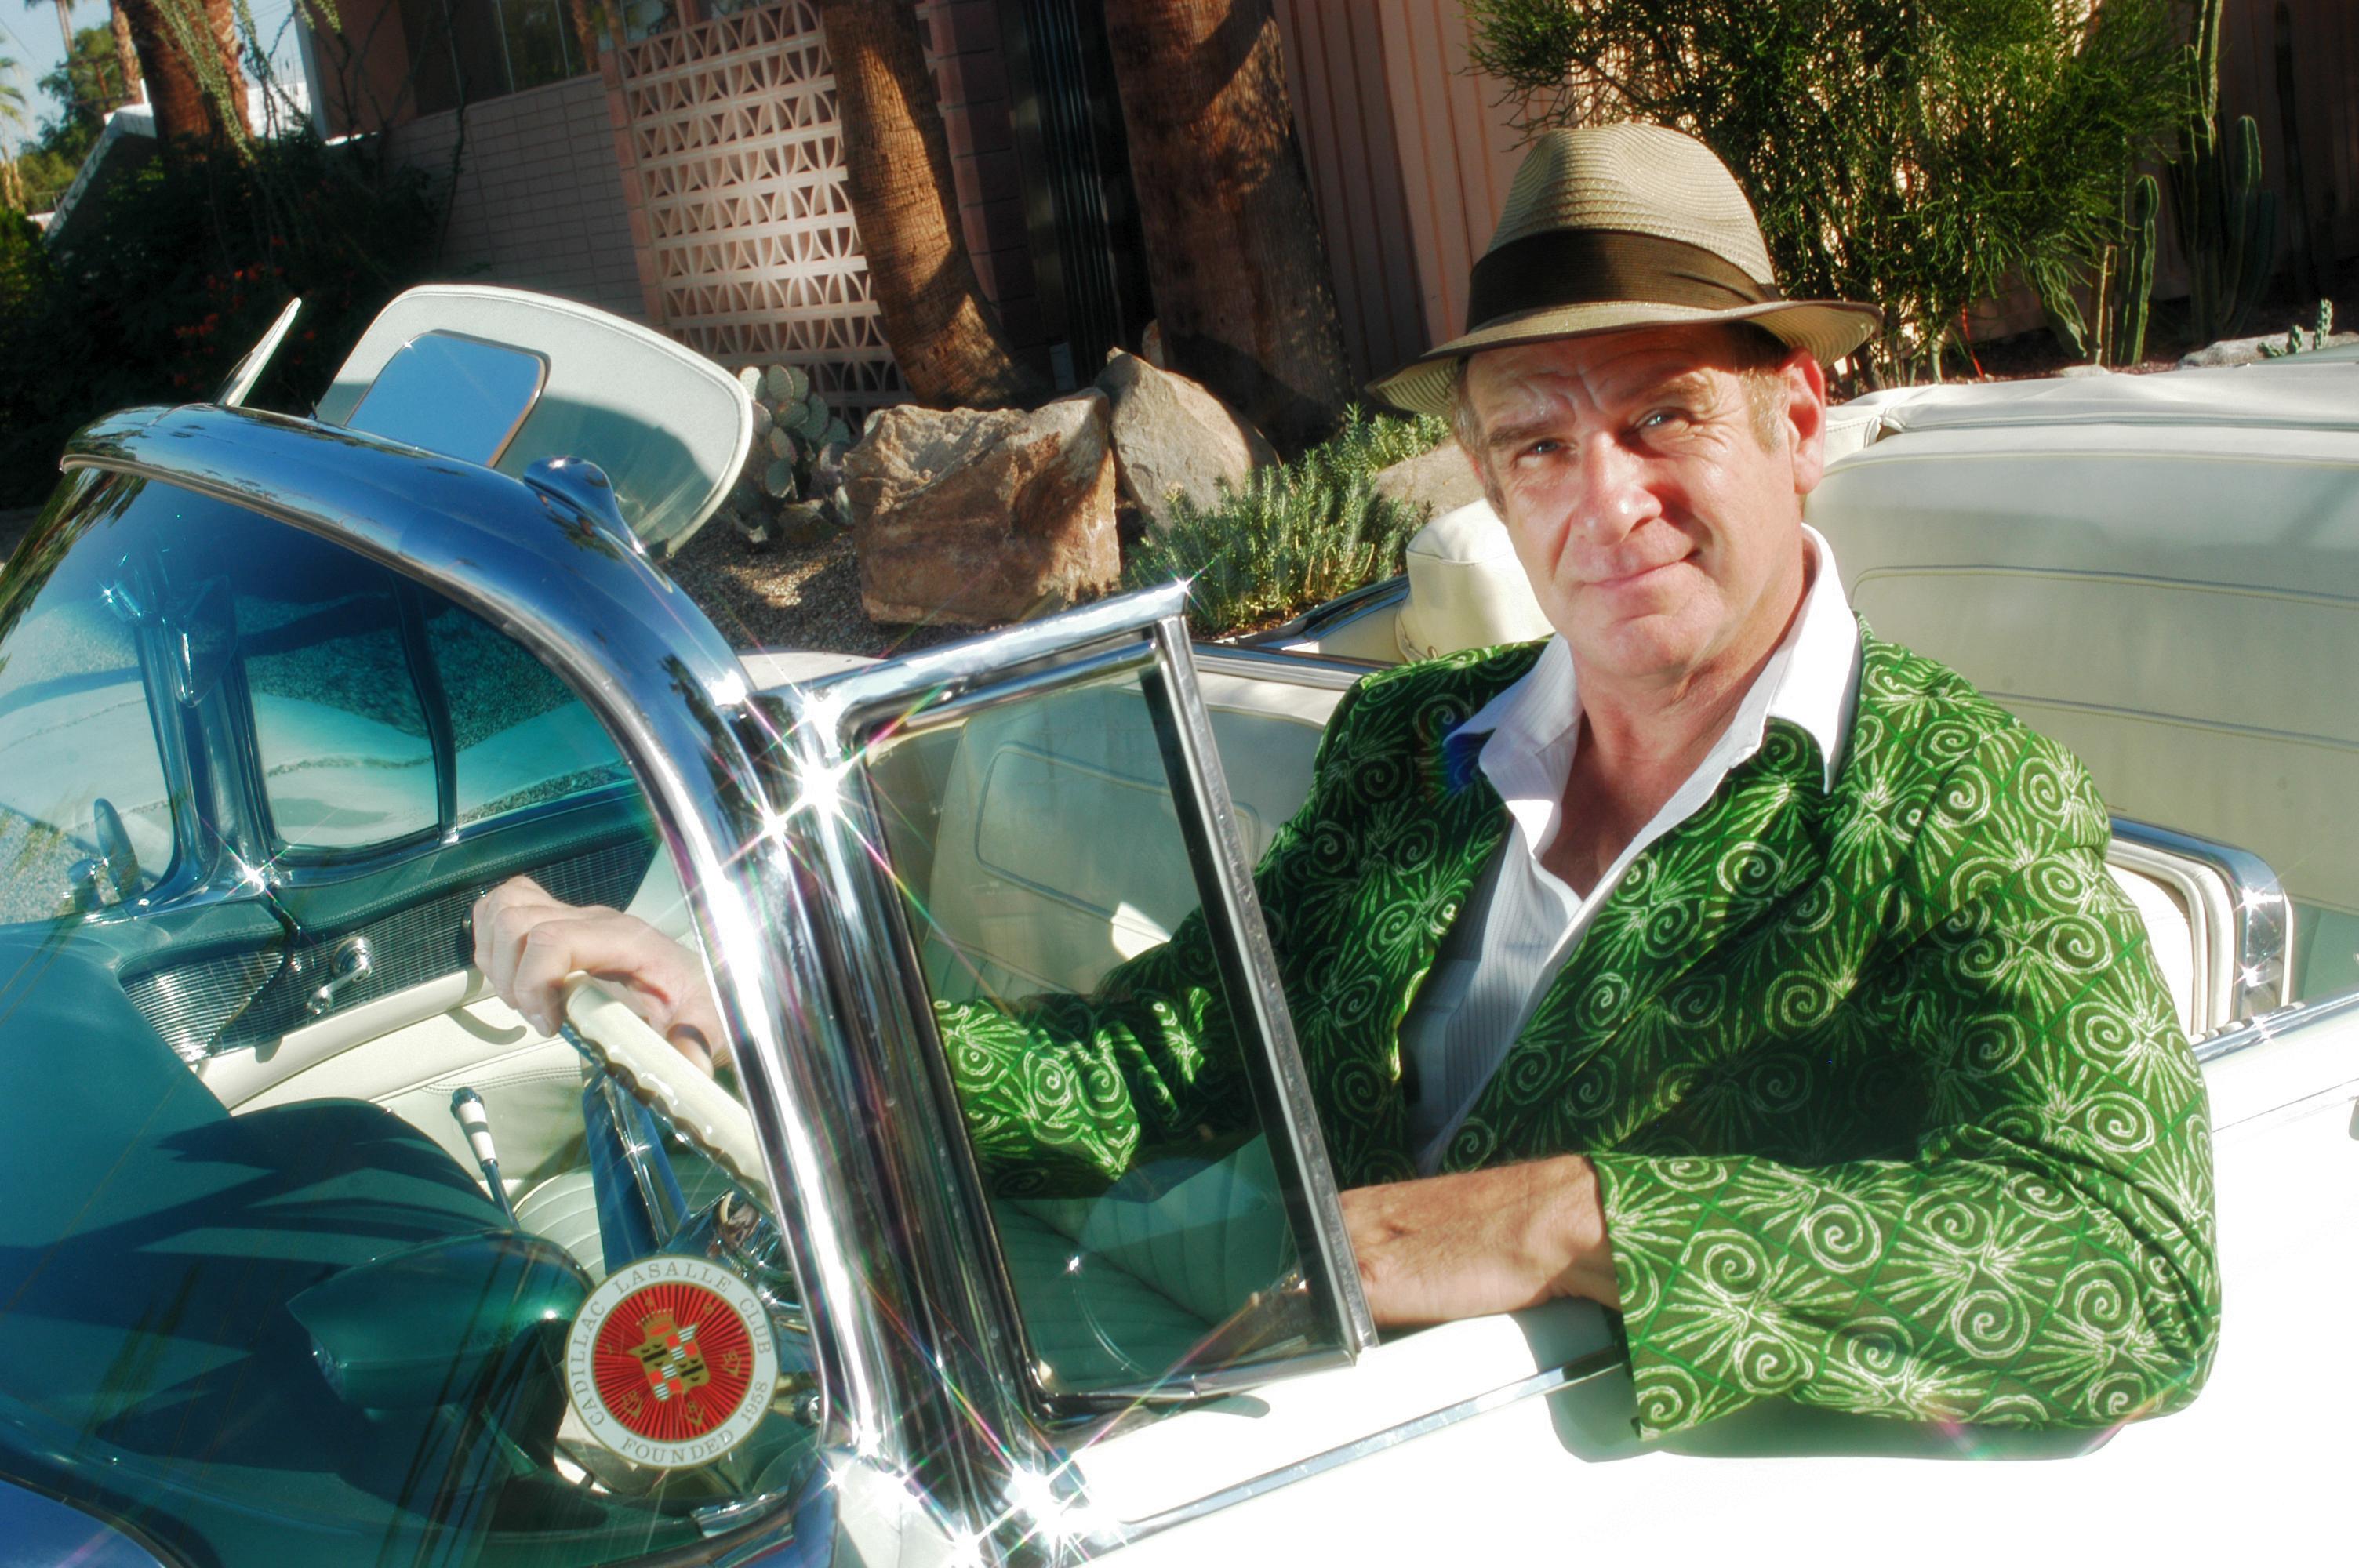 Ronert Imber of Palm Springs Modern Tours